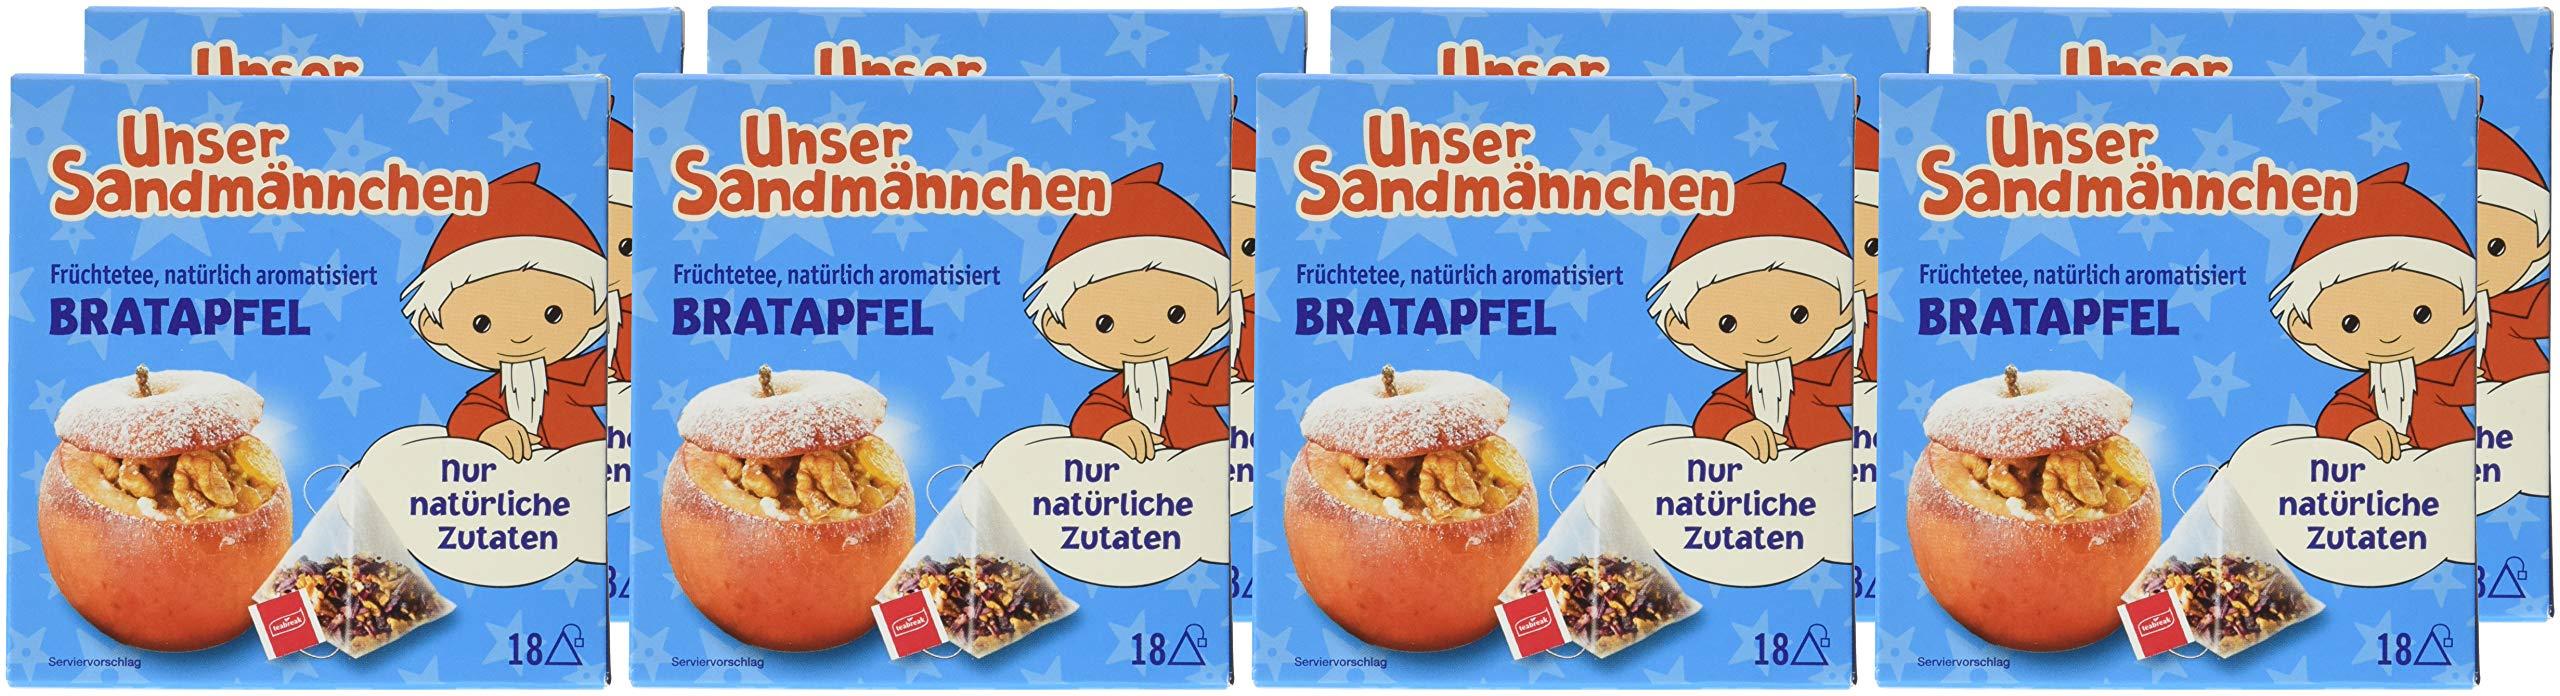 Variation-Teabreak-Sandmnnchen-Wintersorten